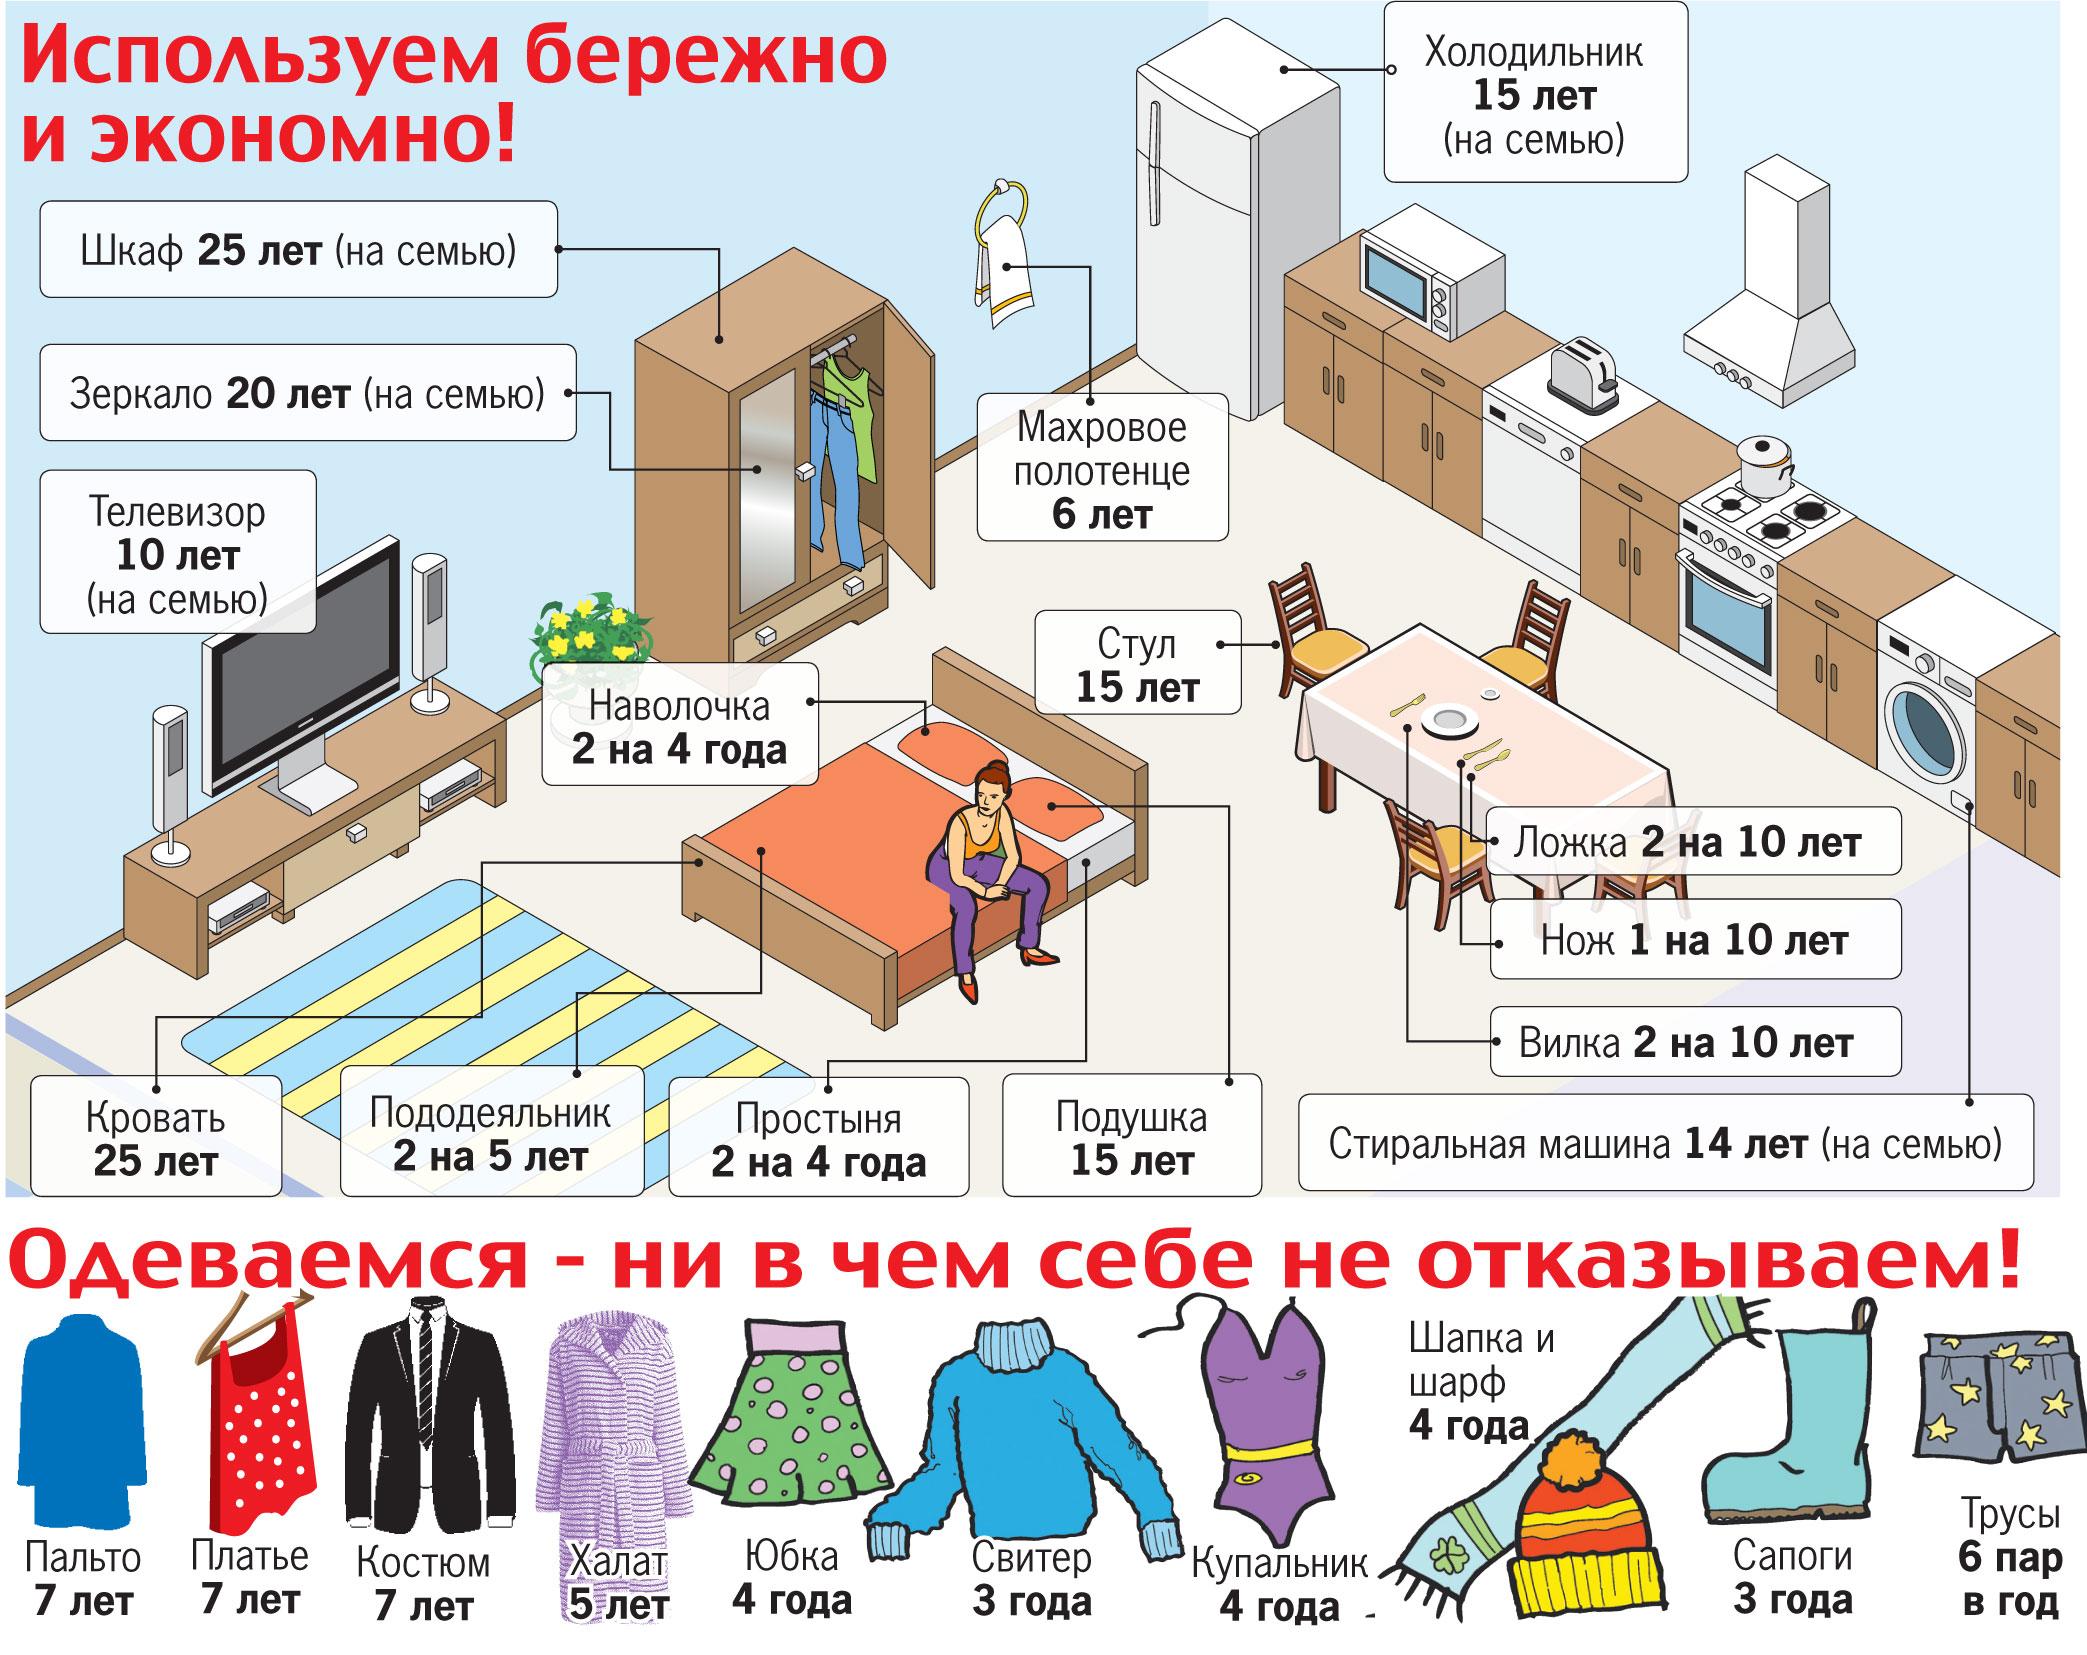 Стоимость потребительской корзины в украине минимальная выслуга лет для пенсии военнослужащих с 2021 года